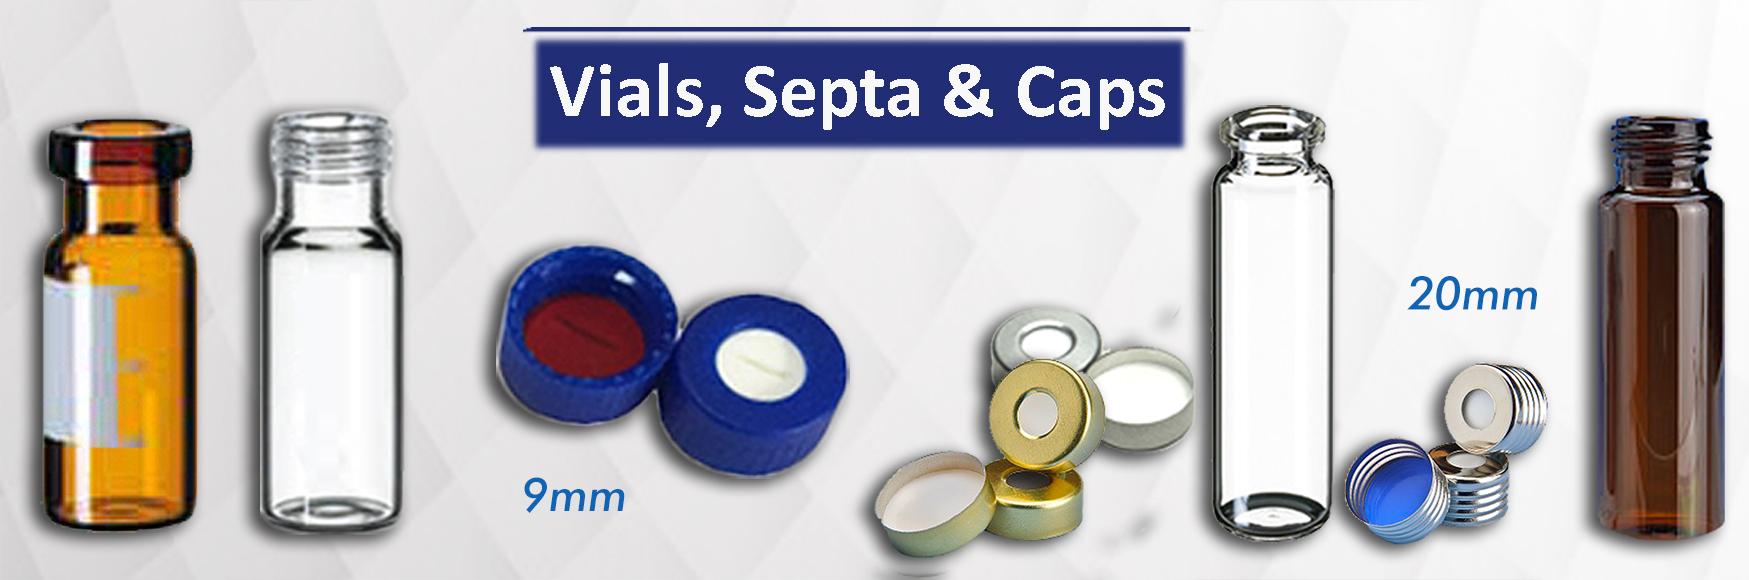 Vials, Septa & Caps